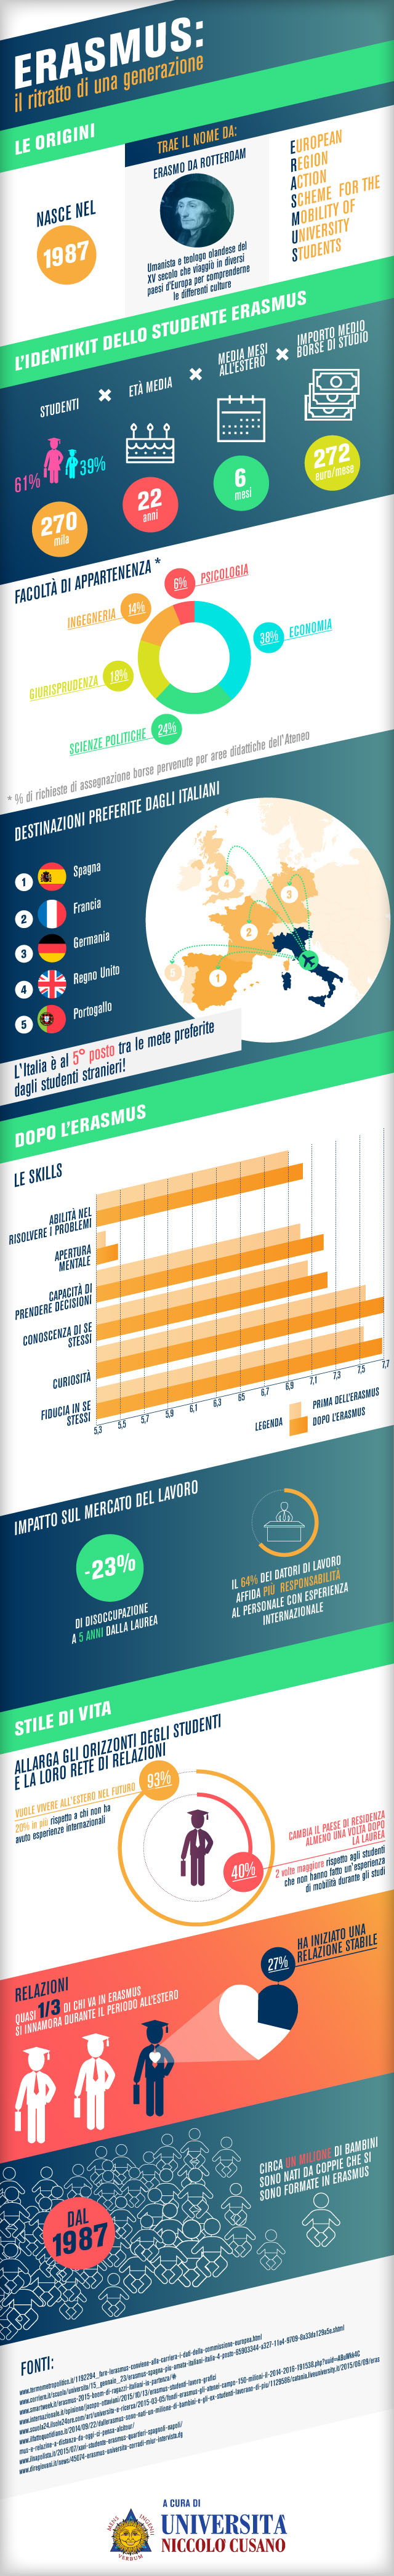 http://www.unicusano.it/blog/images/infografiche/Erasmus-infograficaUC.jpg